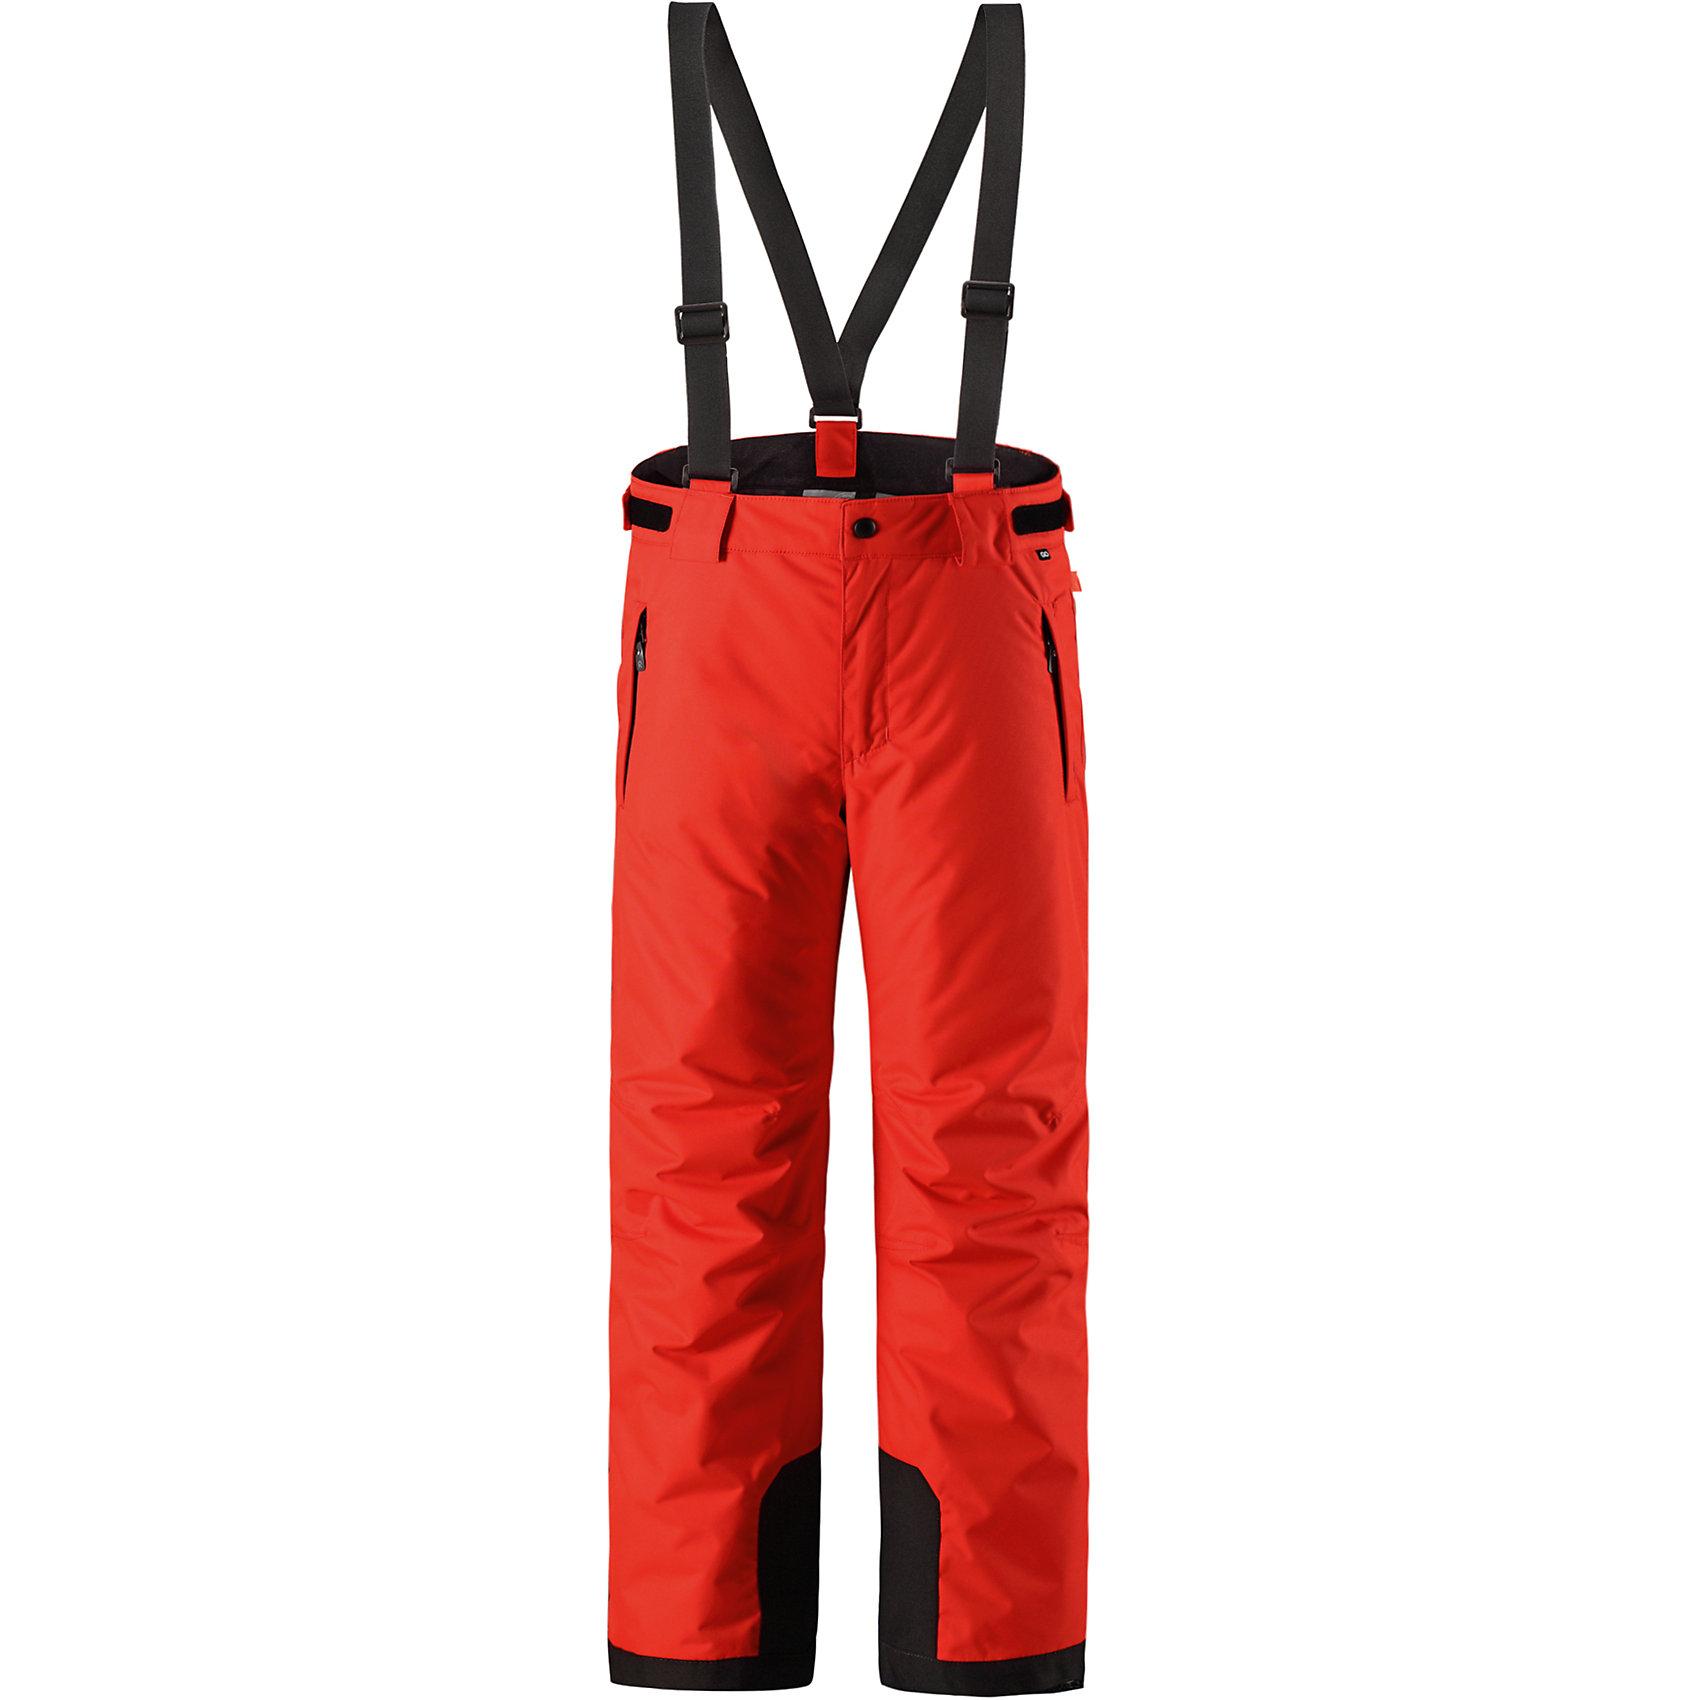 Брюки Reimatec® Reima TakeoffВерхняя одежда<br>Характеристики товара:<br><br>• цвет: красный;<br>• 100% полиэстер, полиуретановое покрытие;<br>• утеплитель: 100% полиэстер 120 г/м2;<br>• сезон: зима;<br>• температурный режим: от 0 до -20С;<br>• водонепроницаемость: 12000 мм;<br>• воздухопроницаемость: 8000 мм;<br>• износостойкость: 30000 циклов (тест Мартиндейла)<br>• особенности: с подтяжками;<br>• водо- и ветронепроницаемый, дышащий и грязеотталкивающий материал;<br>• все швы проклеены и водонепроницаемы;<br>• гладкая подкладка из полиэстера;<br>• прочные усиленные вставки внизу брючин;<br>• регулируемый обхват талии;<br>• снегозащитные манжеты на штанинах;<br>• застежка: молния, пуговица;<br>• карманы на молнии;<br>• регулируемые съемные эластичные подтяжки;<br>• потайной карман для датчика ReimaGO®;<br>• светоотражающие элементы;<br>• страна бренда: Финляндия;<br>• страна производства: Китай.<br><br>Зимние брюки просто созданы для активных детей: они отталкивают влагу и грязь, а все швы в них проклеены и водонепроницаемы. Ветронепроницаемый и в то же время дышащий материал обеспечивает комфорт во время увлекательных прогулок – ребенку будет тепло, но он не вспотеет. <br><br>Очень удобные съемные и регулируемые подтяжки будут надежно поддерживать брюки во время всех активных приключений. Прочные усиления на концах брючин защищают лодыжки. Благодаря защите от снега, никакой снег и мороз не проберутся внутрь, так что брюки идеально подойдут для сноубординга и горных лыж. <br><br>Регулируемая талия обеспечит отличную посадку по фигуре. Эта модель с прямым, слегка свободным покроем снабжена потайным карманом для сенсора ReimaGO. <br><br>Брюки Takeoff Reimatec® Reima (Рейма) можно купить в нашем интернет-магазине.<br><br>Ширина мм: 215<br>Глубина мм: 88<br>Высота мм: 191<br>Вес г: 336<br>Цвет: красный<br>Возраст от месяцев: 156<br>Возраст до месяцев: 168<br>Пол: Унисекс<br>Возраст: Детский<br>Размер: 110,116,122,128,140,146,152,158,164,134,104<br>SKU: 6904358